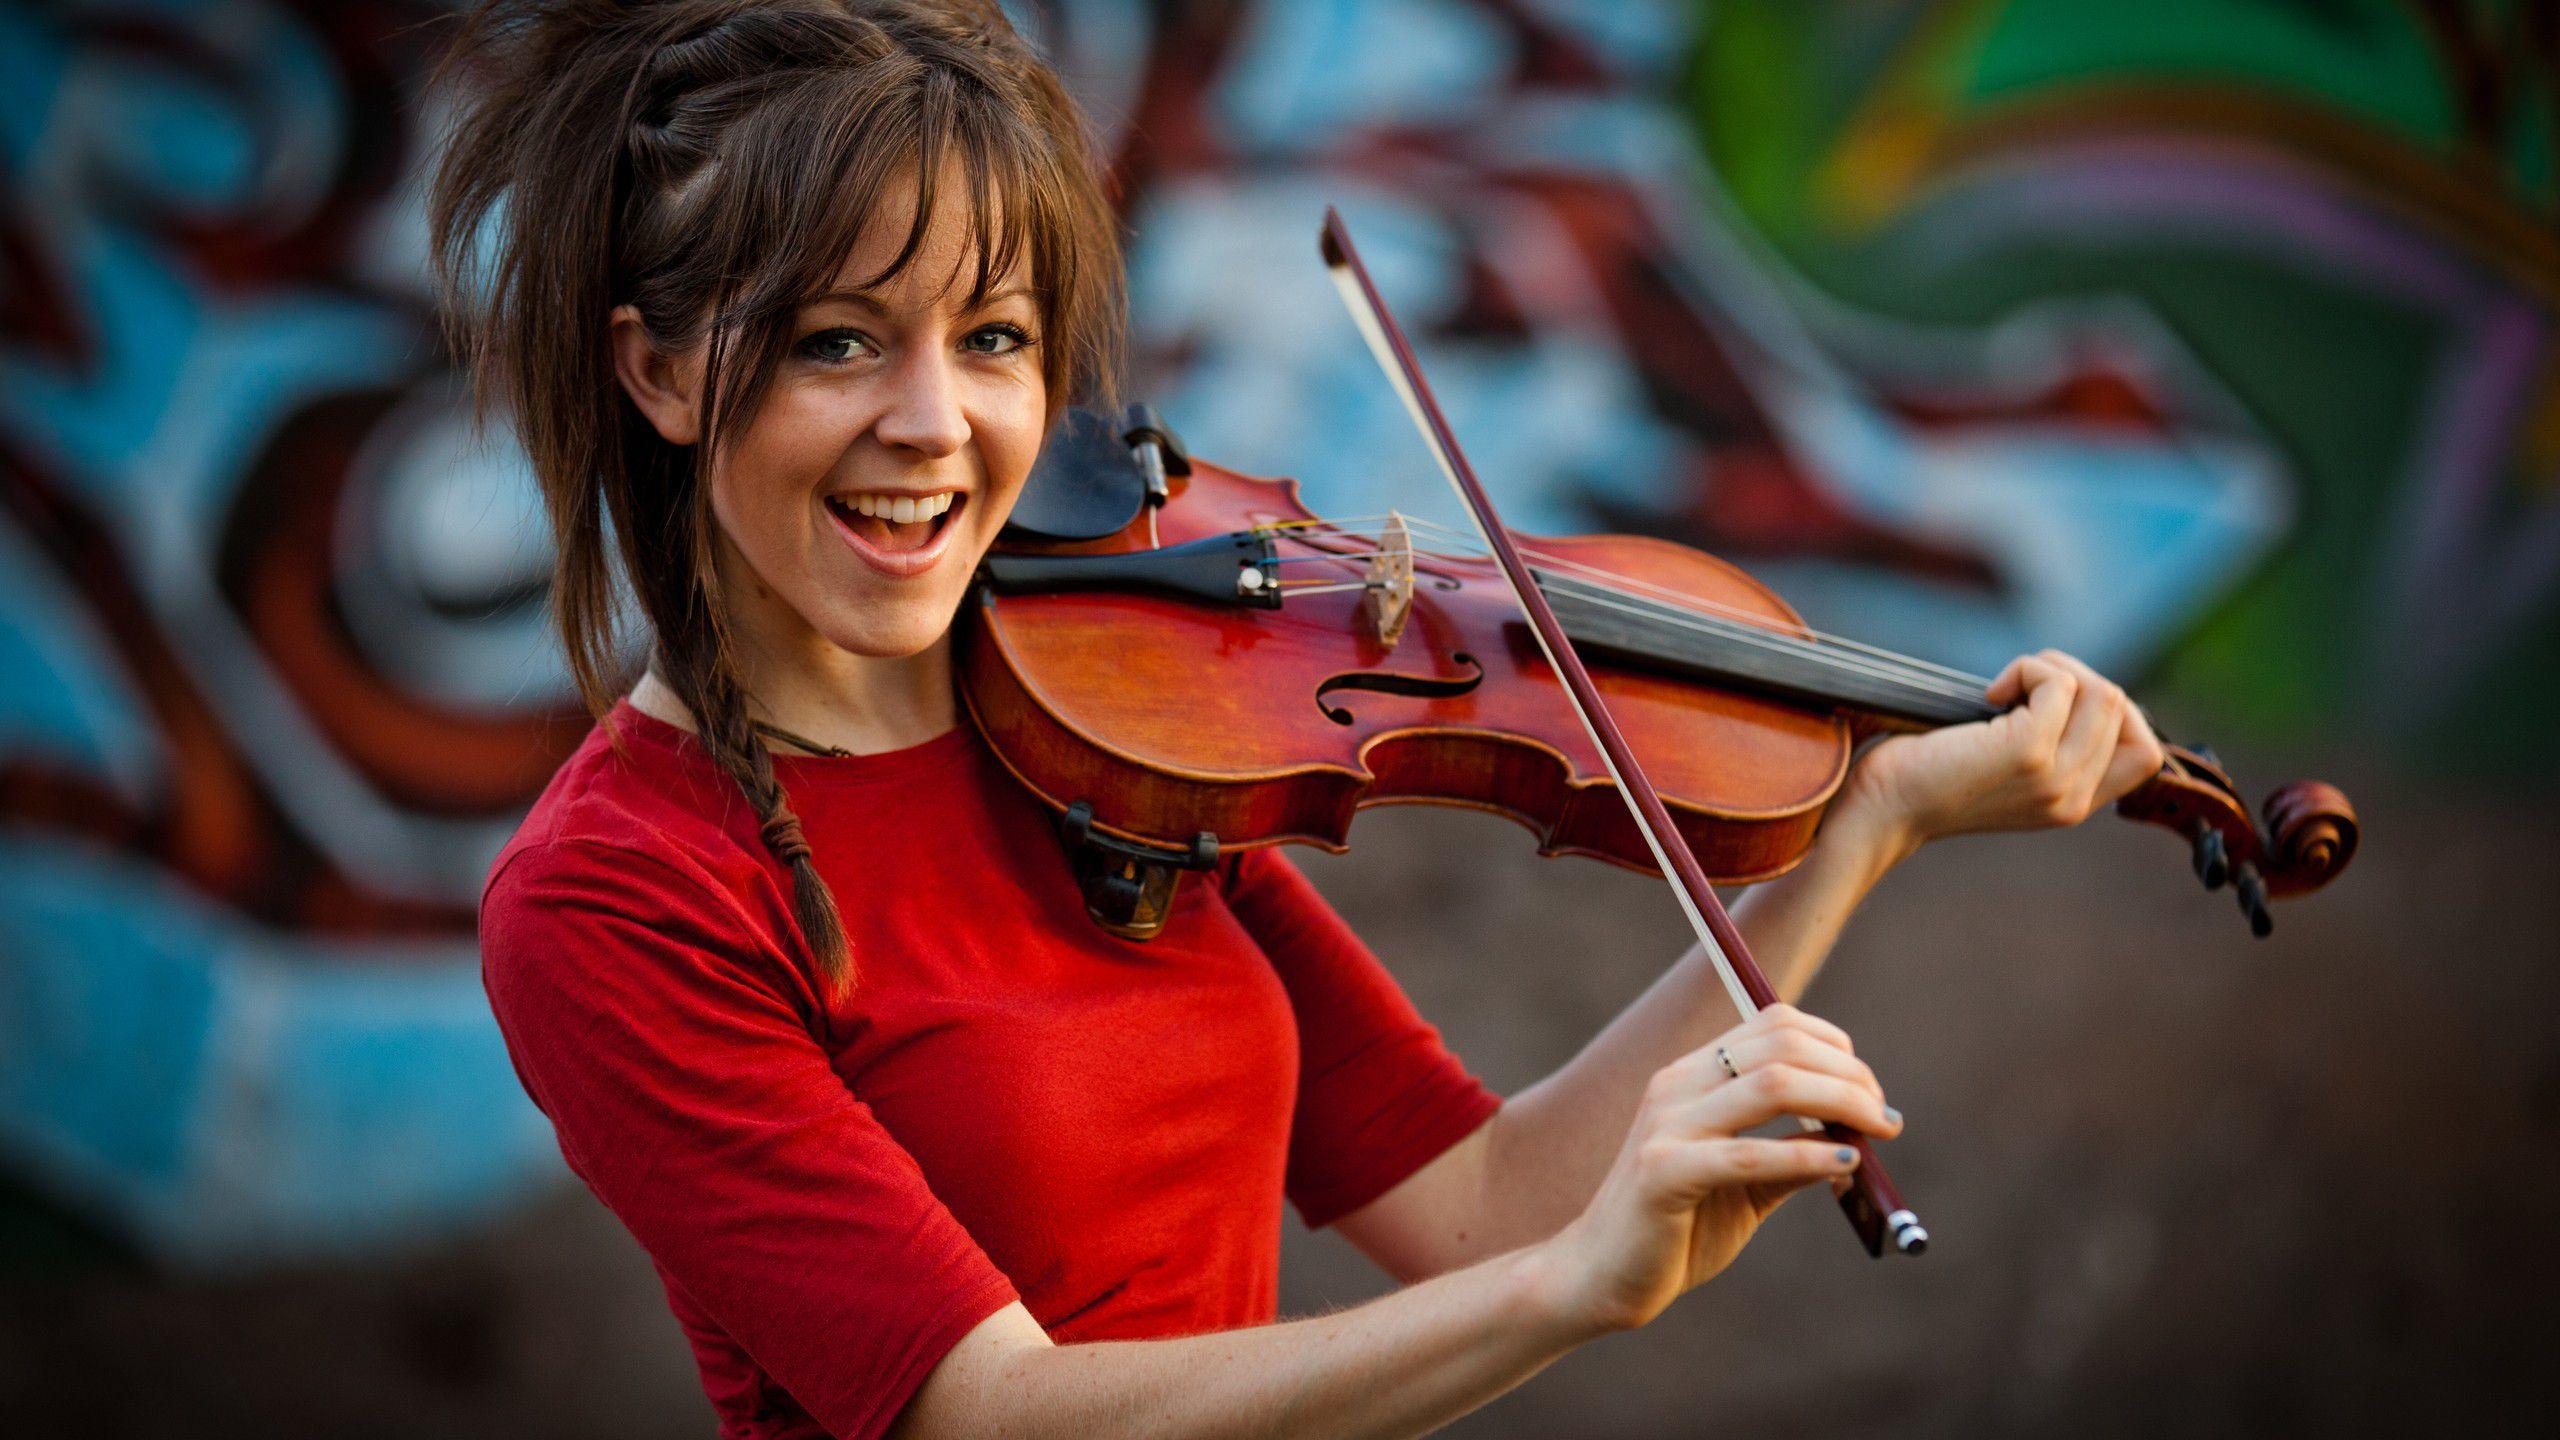 игра на скрипке в поле бесплатно